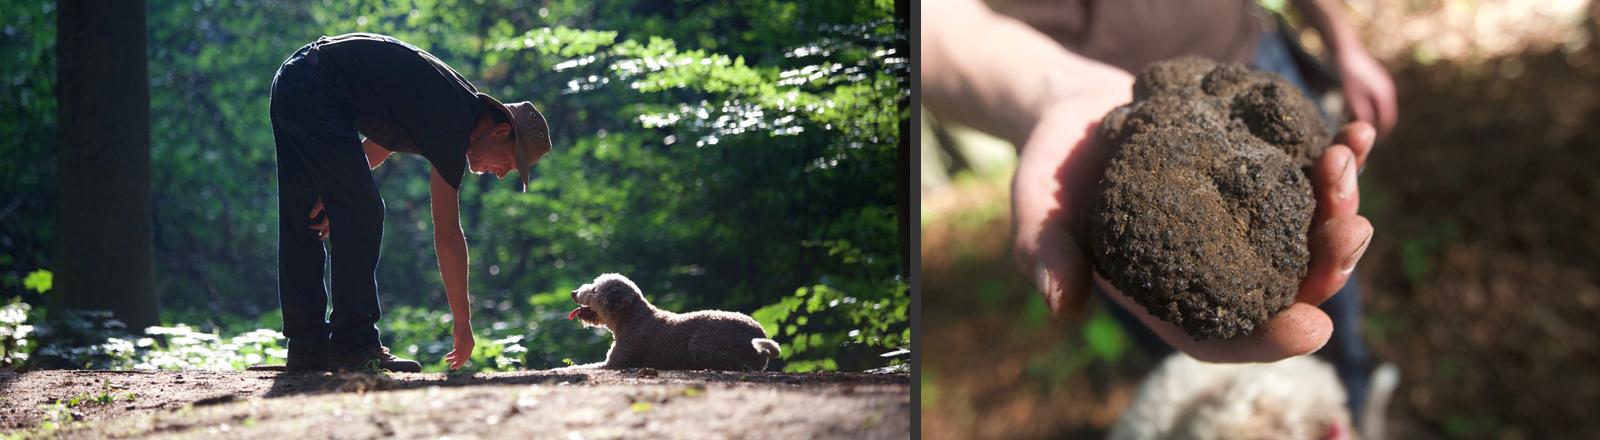 Mann mit einem Hund und Trüffeln